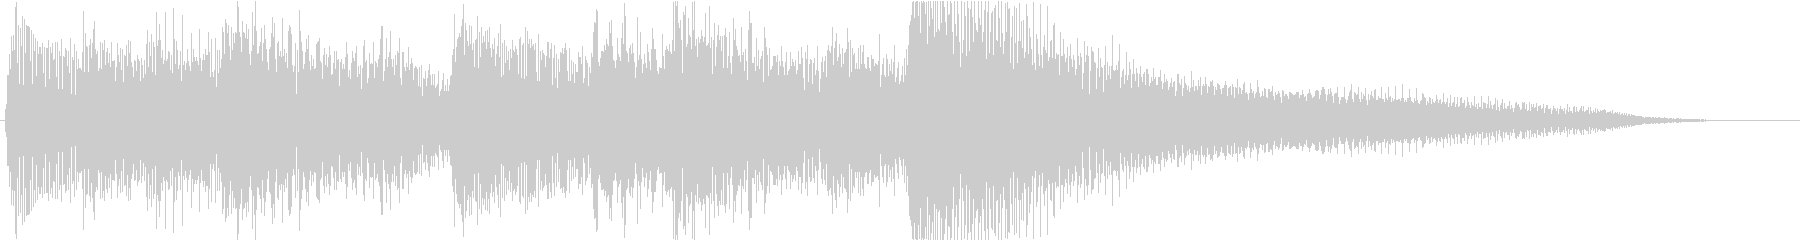 ピアノのレベルアップっぽいジングルの未再生の波形